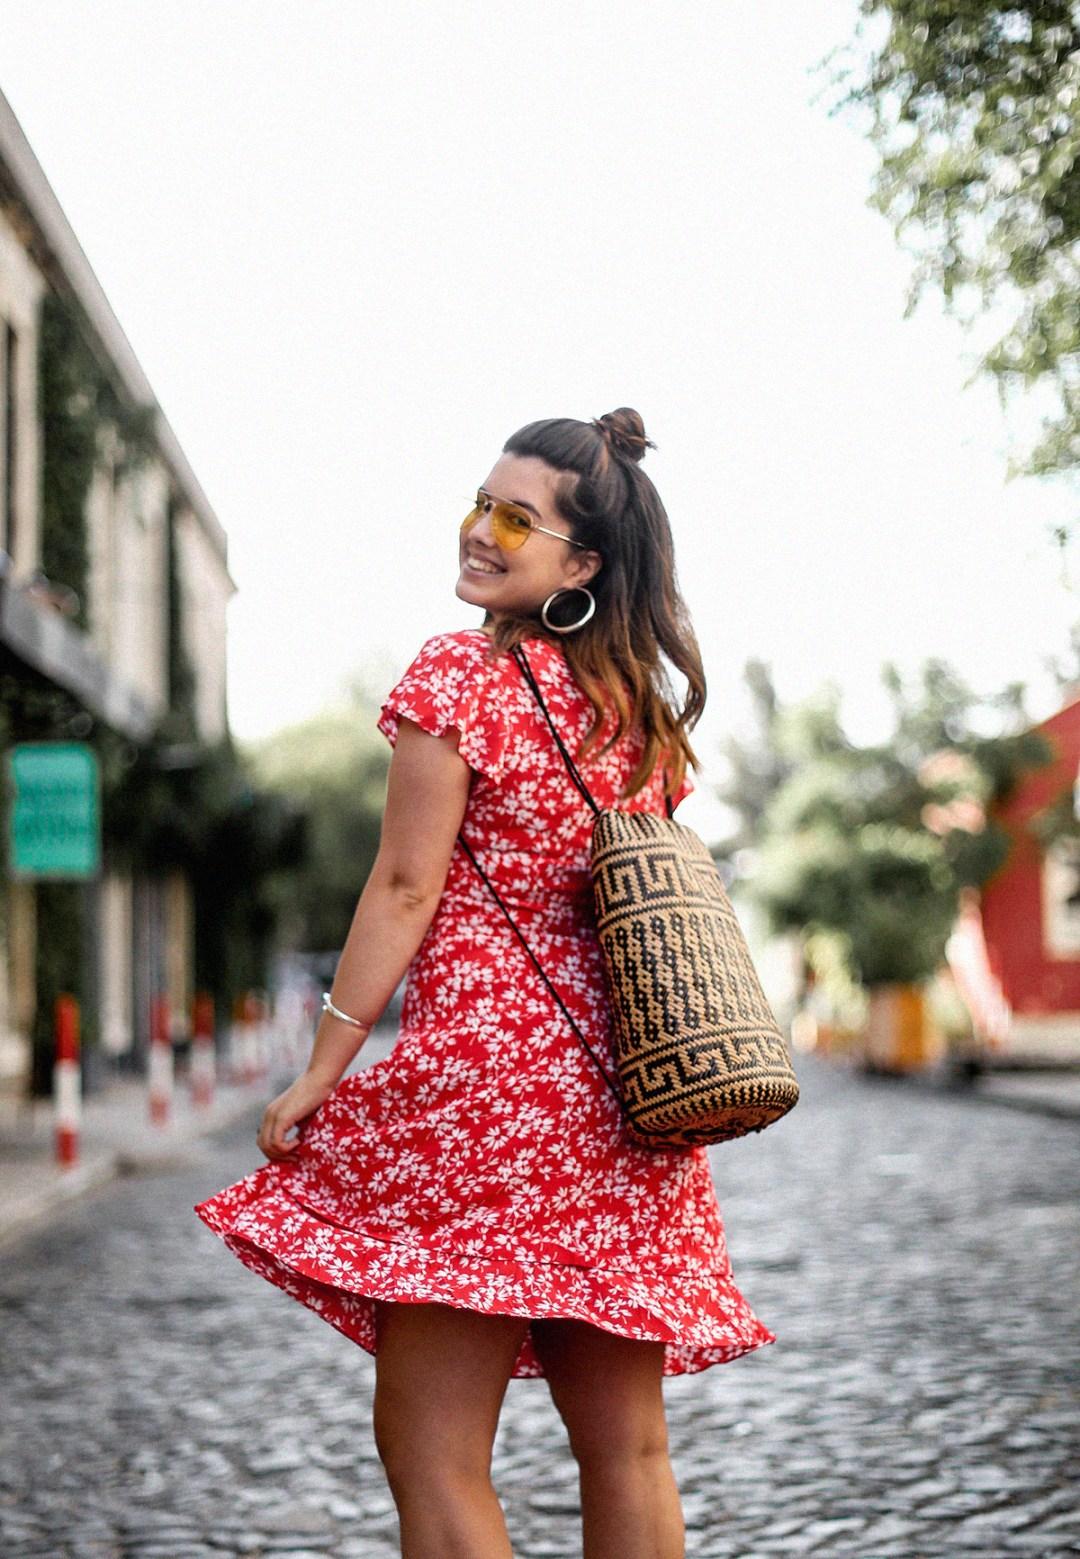 vestido-rojo-volantes-sandalias-lazos-mochila-ratan-travel-lx-factory-lisbon